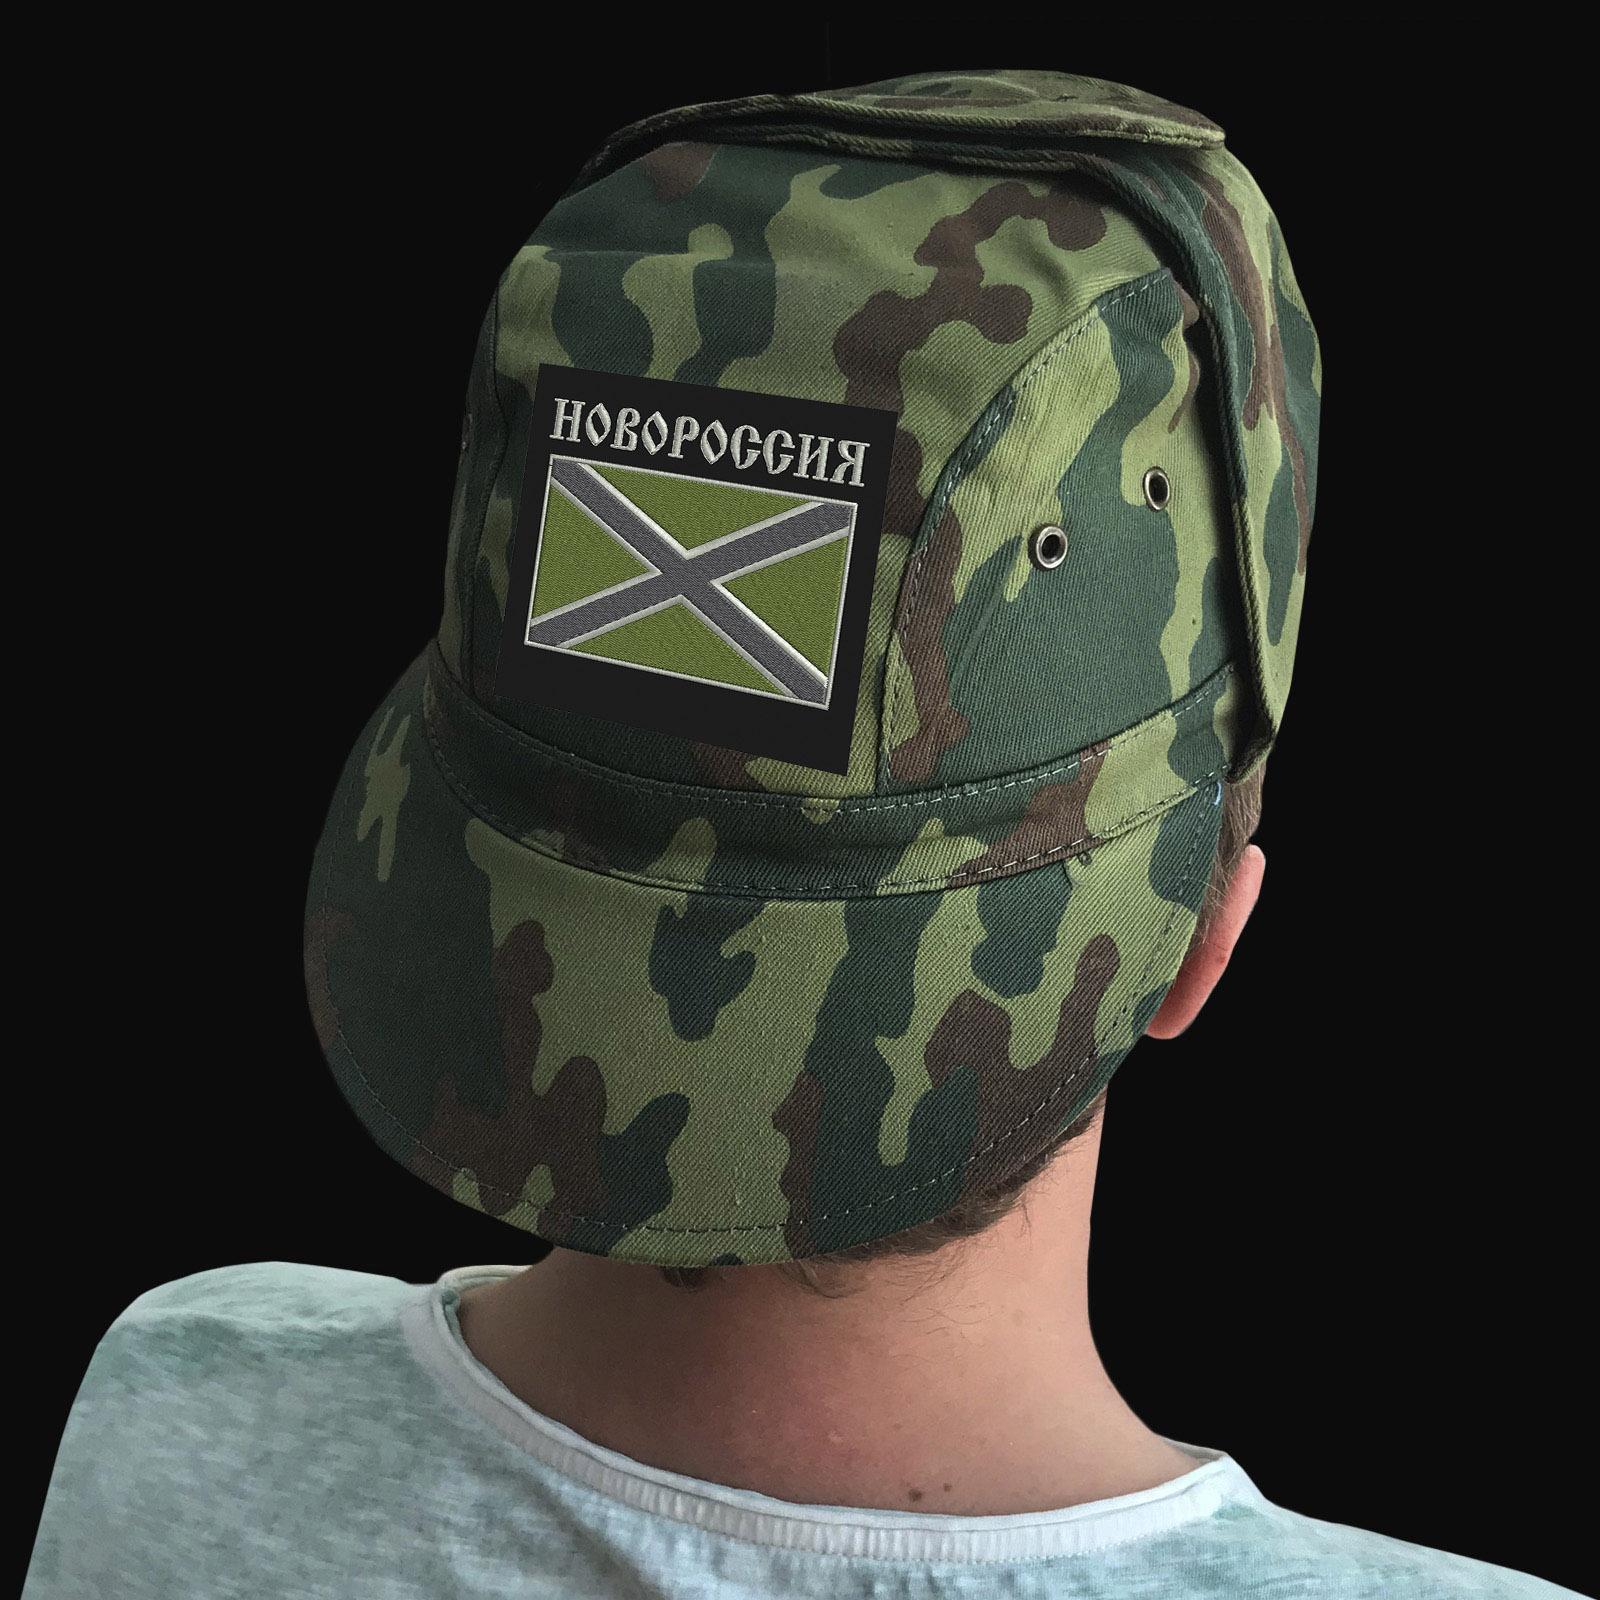 Купить военную кепку с полевым шевроном Новороссии